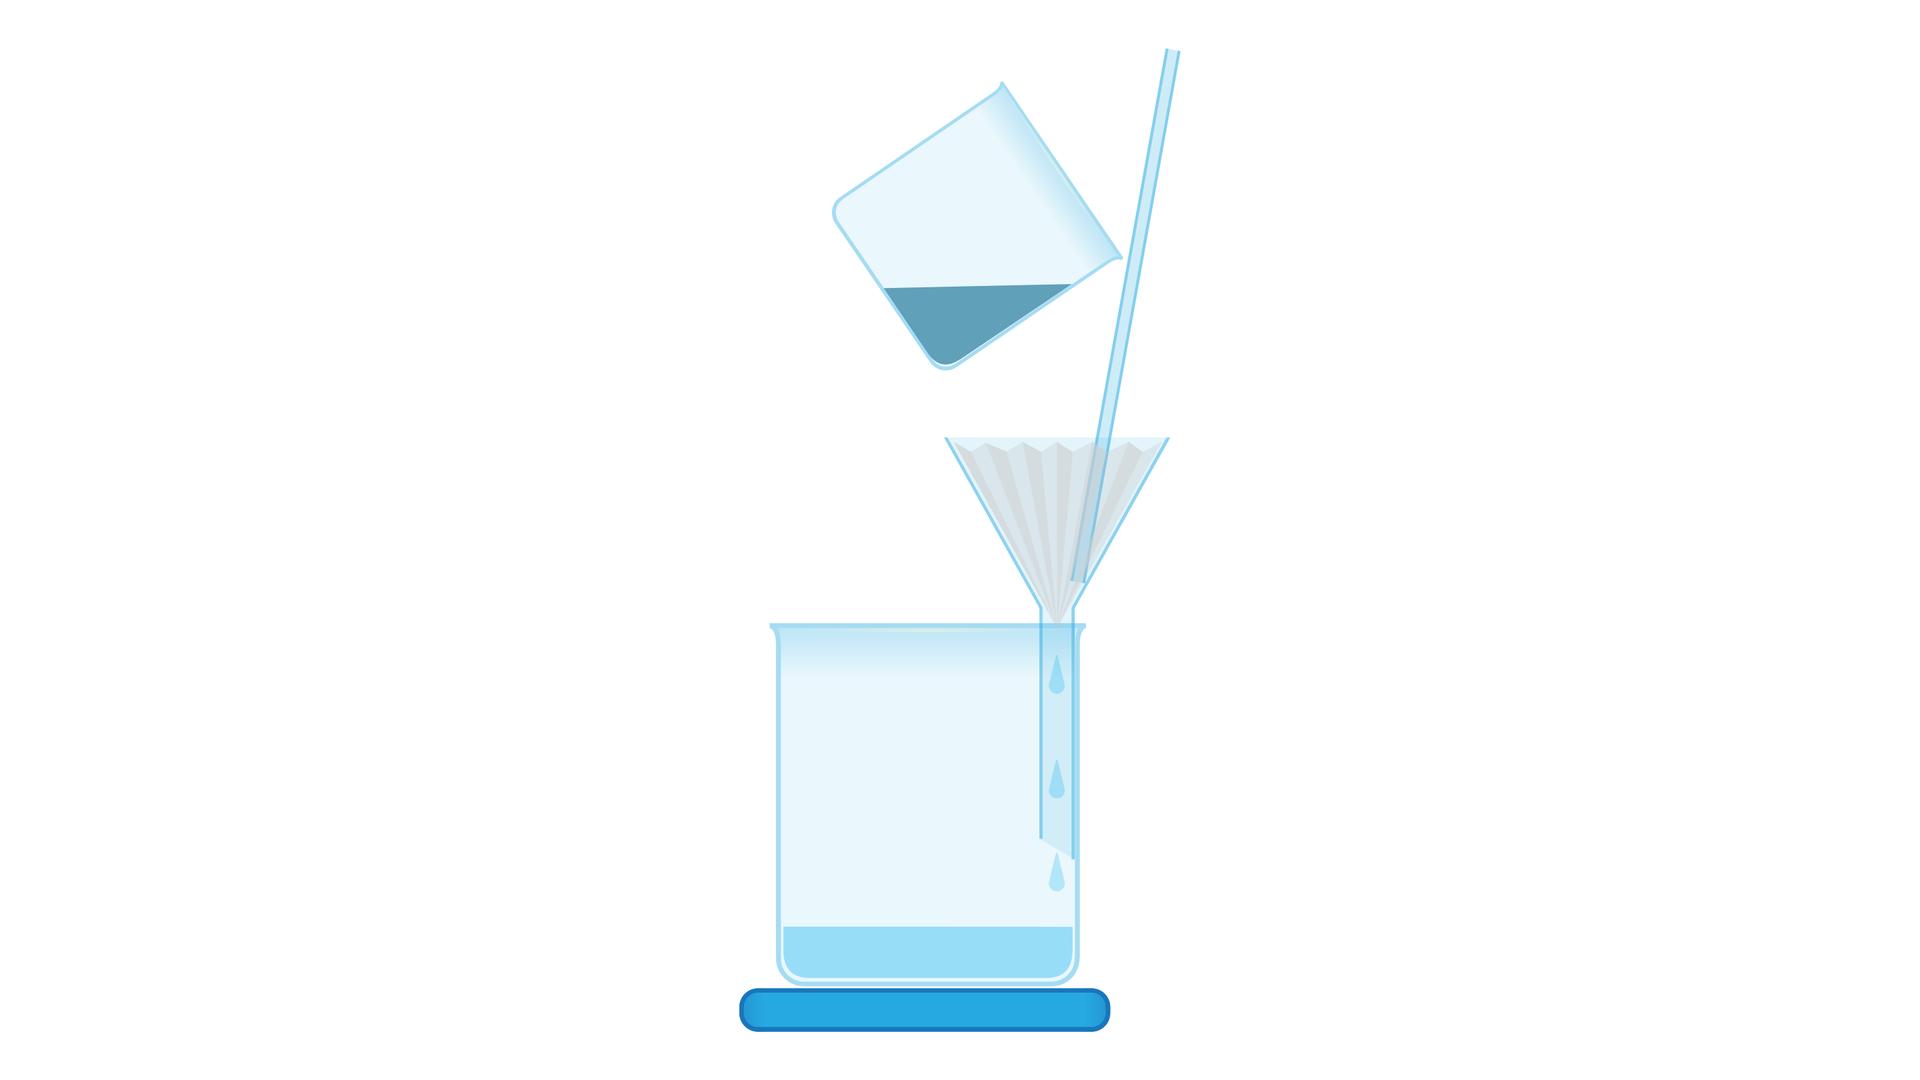 Rysunek przedstawia proces przepuszczania rozdzielanej mieszaniny przez lejek zsączkiem. Mieszanina ze zlewki przelewana jest do lejka po szklanej pałeczce, czyli tak zwanej bagietce wcelu zapewnienia powolnego, jednostajnego strumienia. Zsączka przez szyjkę lejka do większego naczynia przelewają się krople przezroczystego płynu.